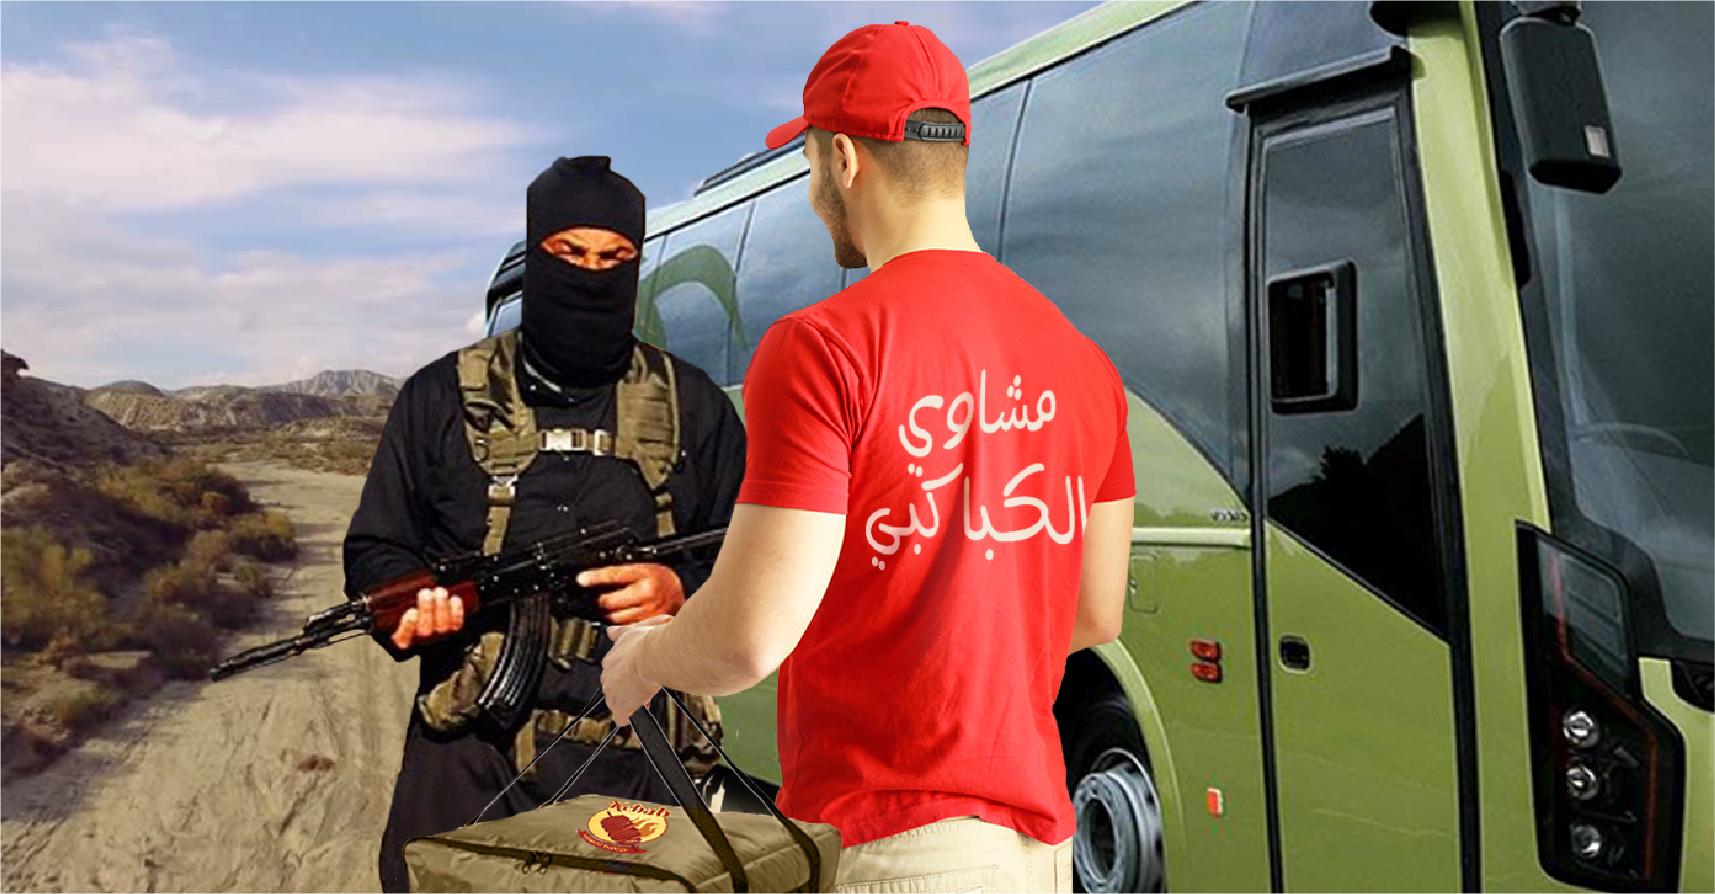 صورة حزب الله يرسل طلبية كباب سفري مع ليّة مشوية كما يحبها مقاتلو داعش العالقون في سوريا